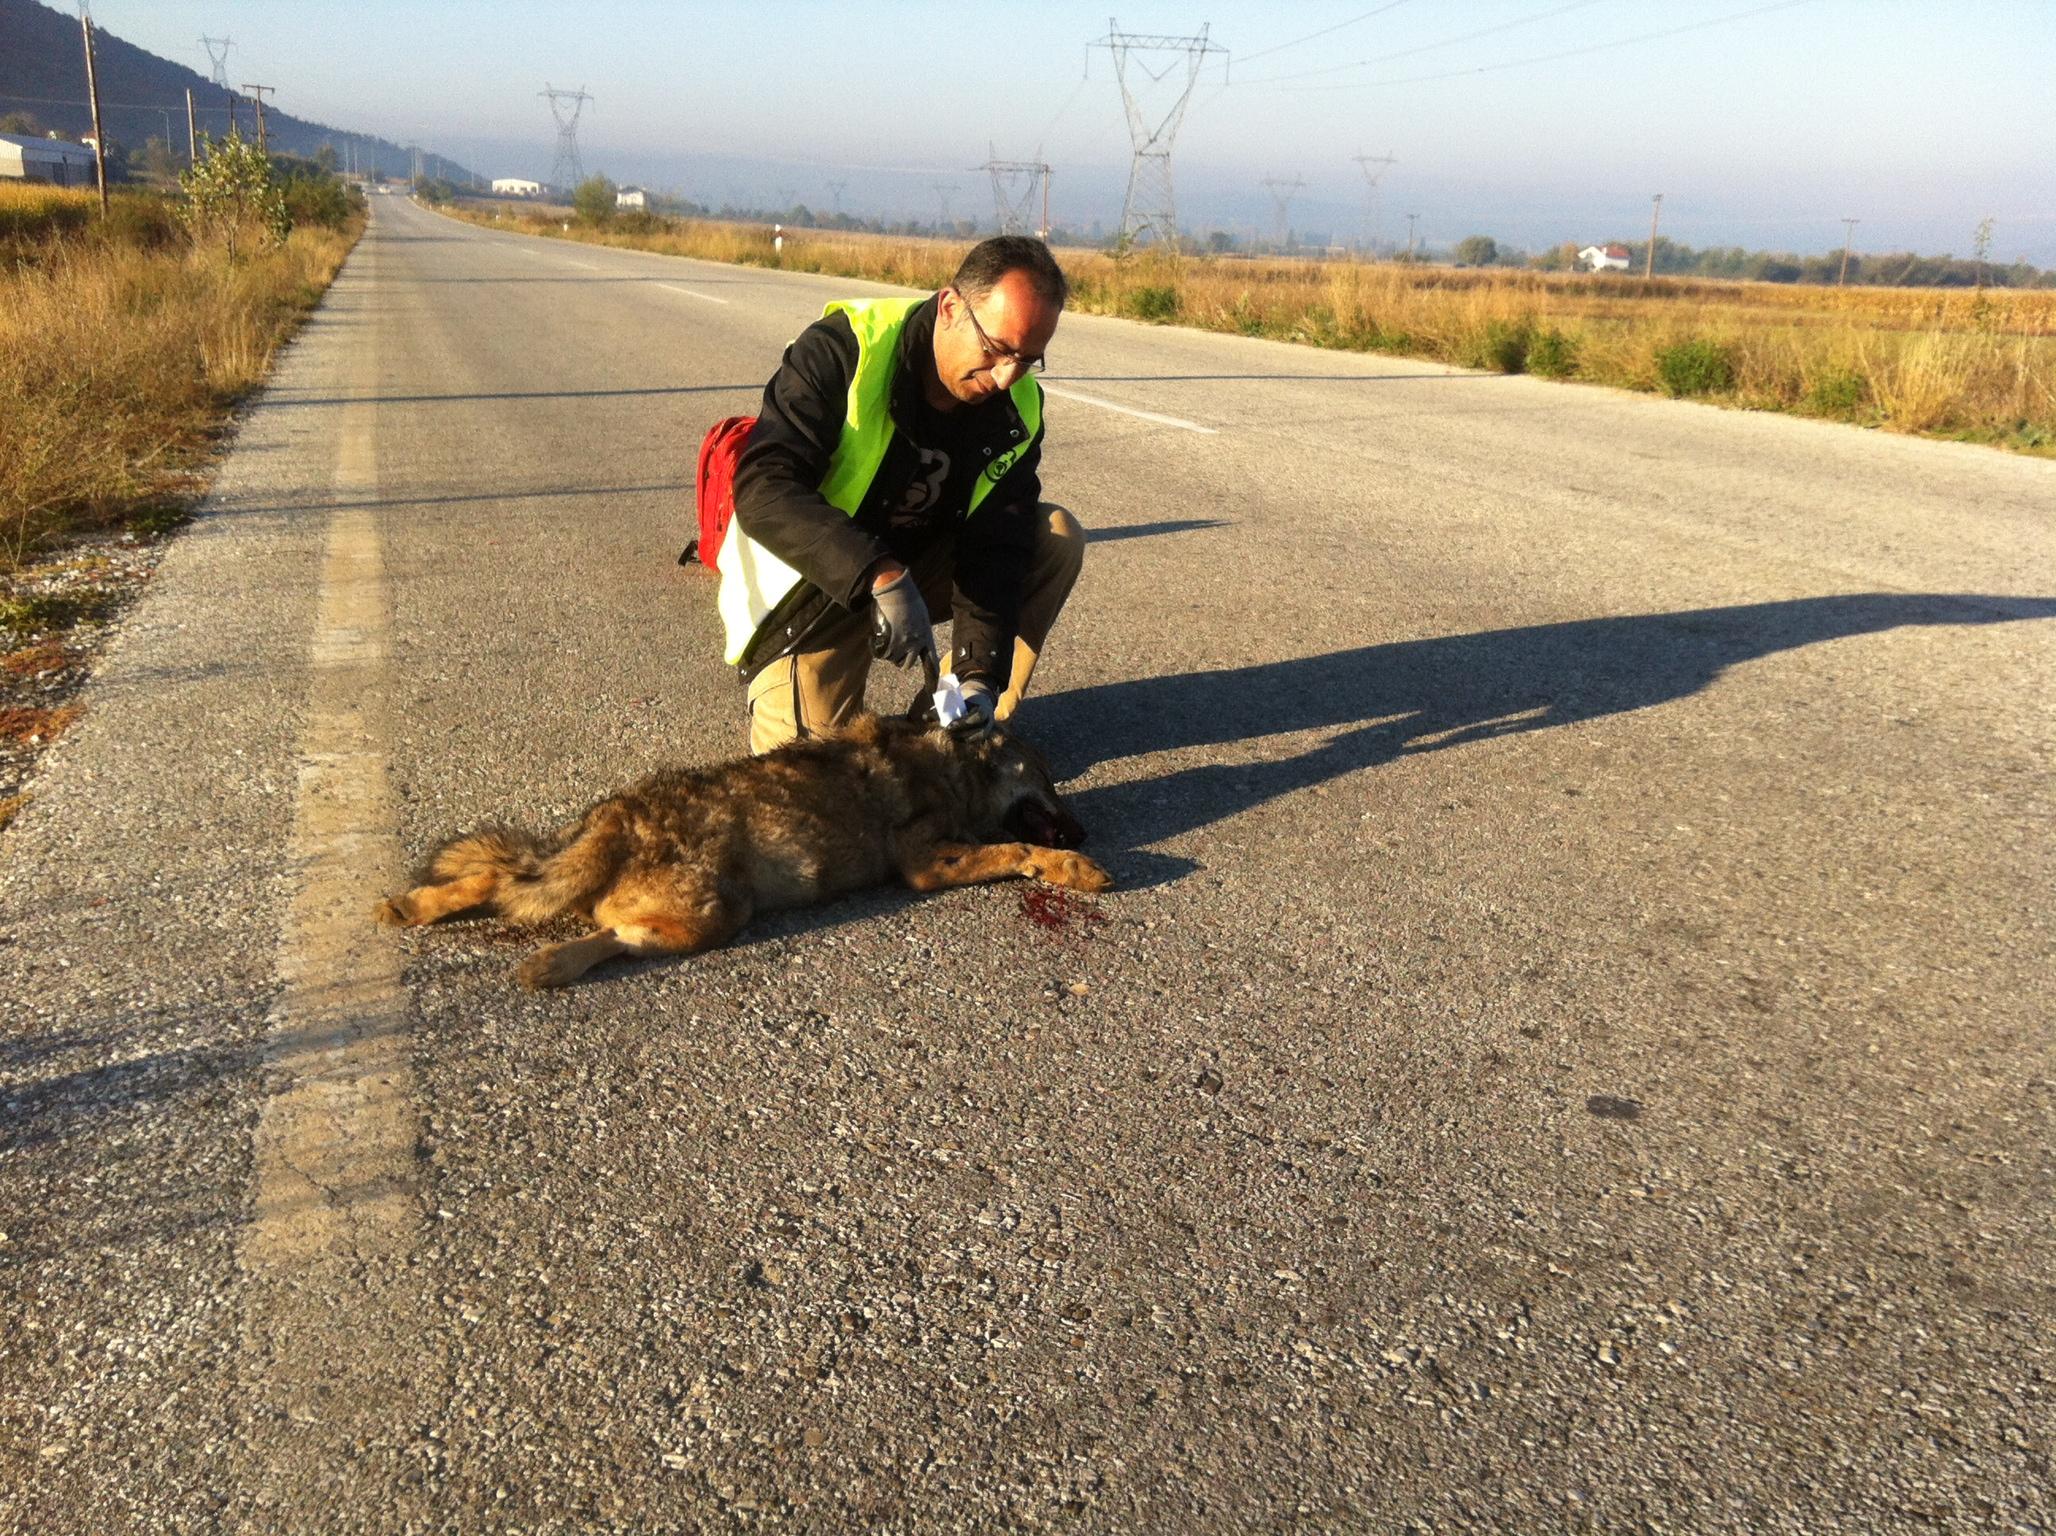 Νεαρή θηλυκή λύκαινα νεκρή σε τροχαίο ατύχημα στην Καστοριά